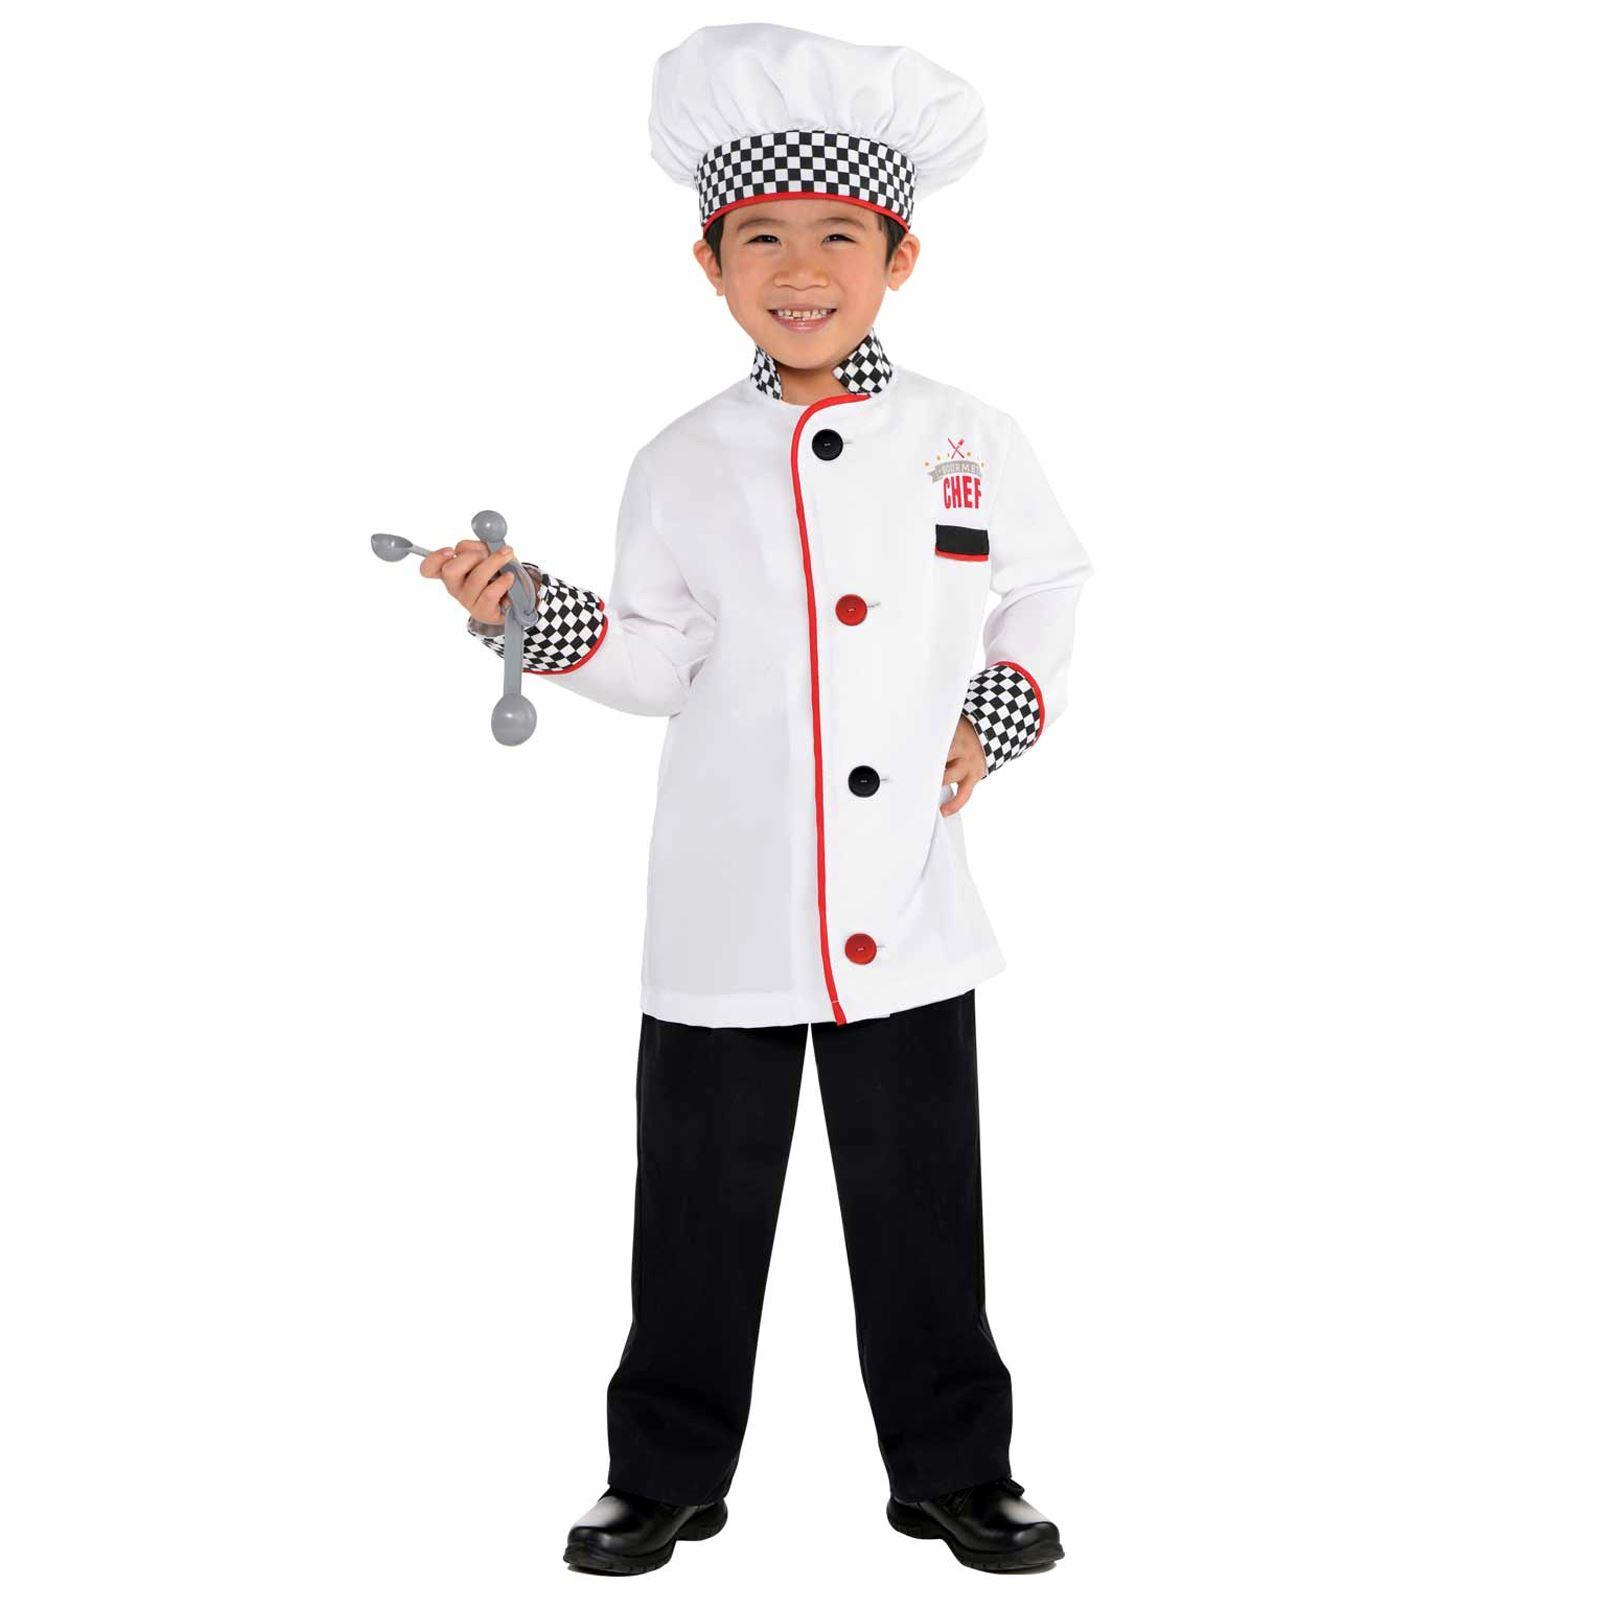 Bambini Ragazzi Master Chef Cuoco Uniforme Costume Travestimento ... aad689b8de69